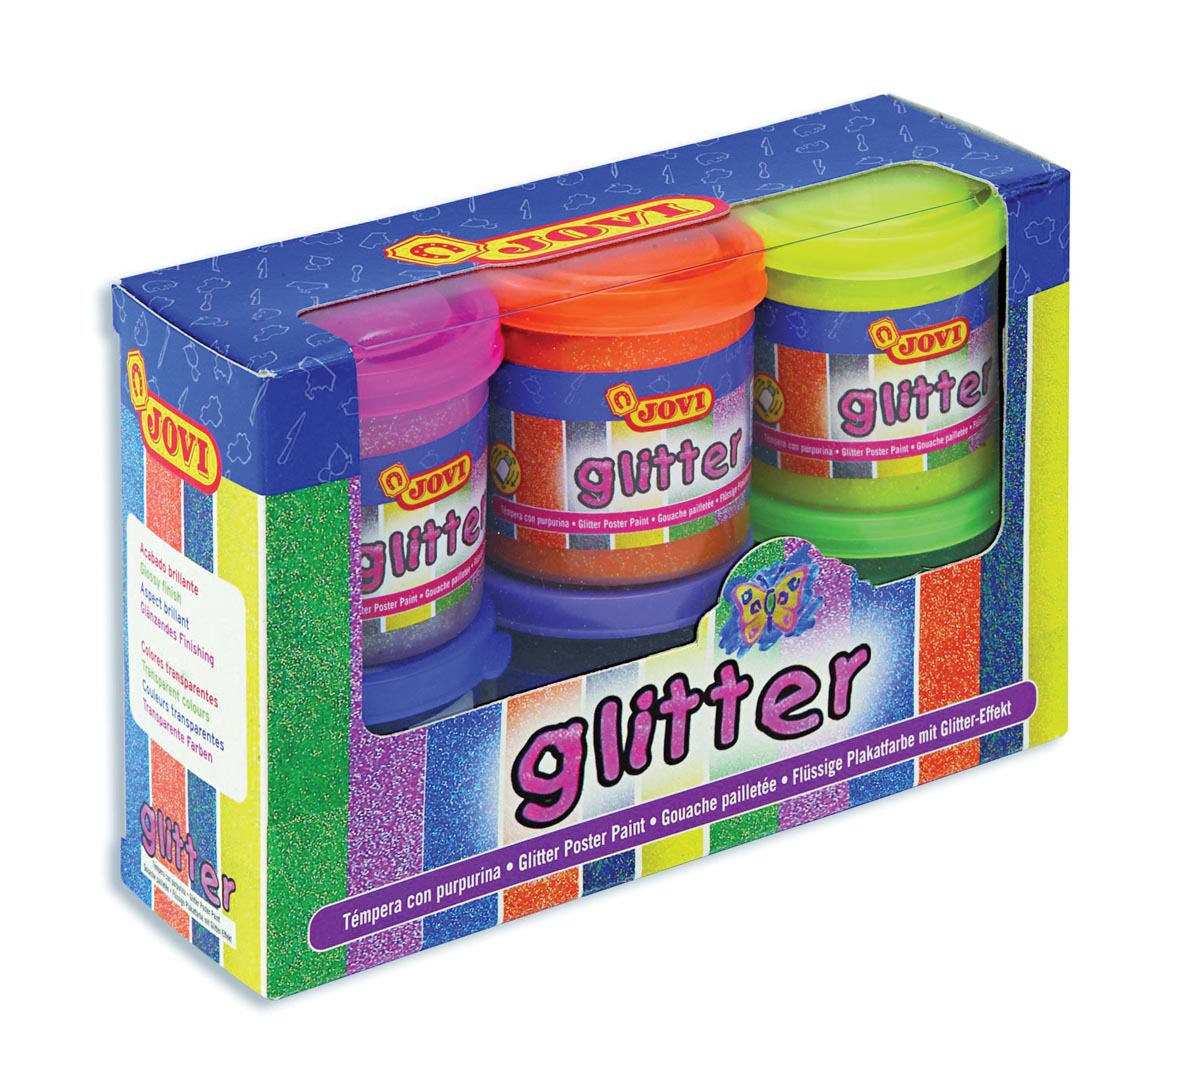 Jovi Plakkaatverf Glitter 6 potjes van 55 ml in geassorteerde kleuren